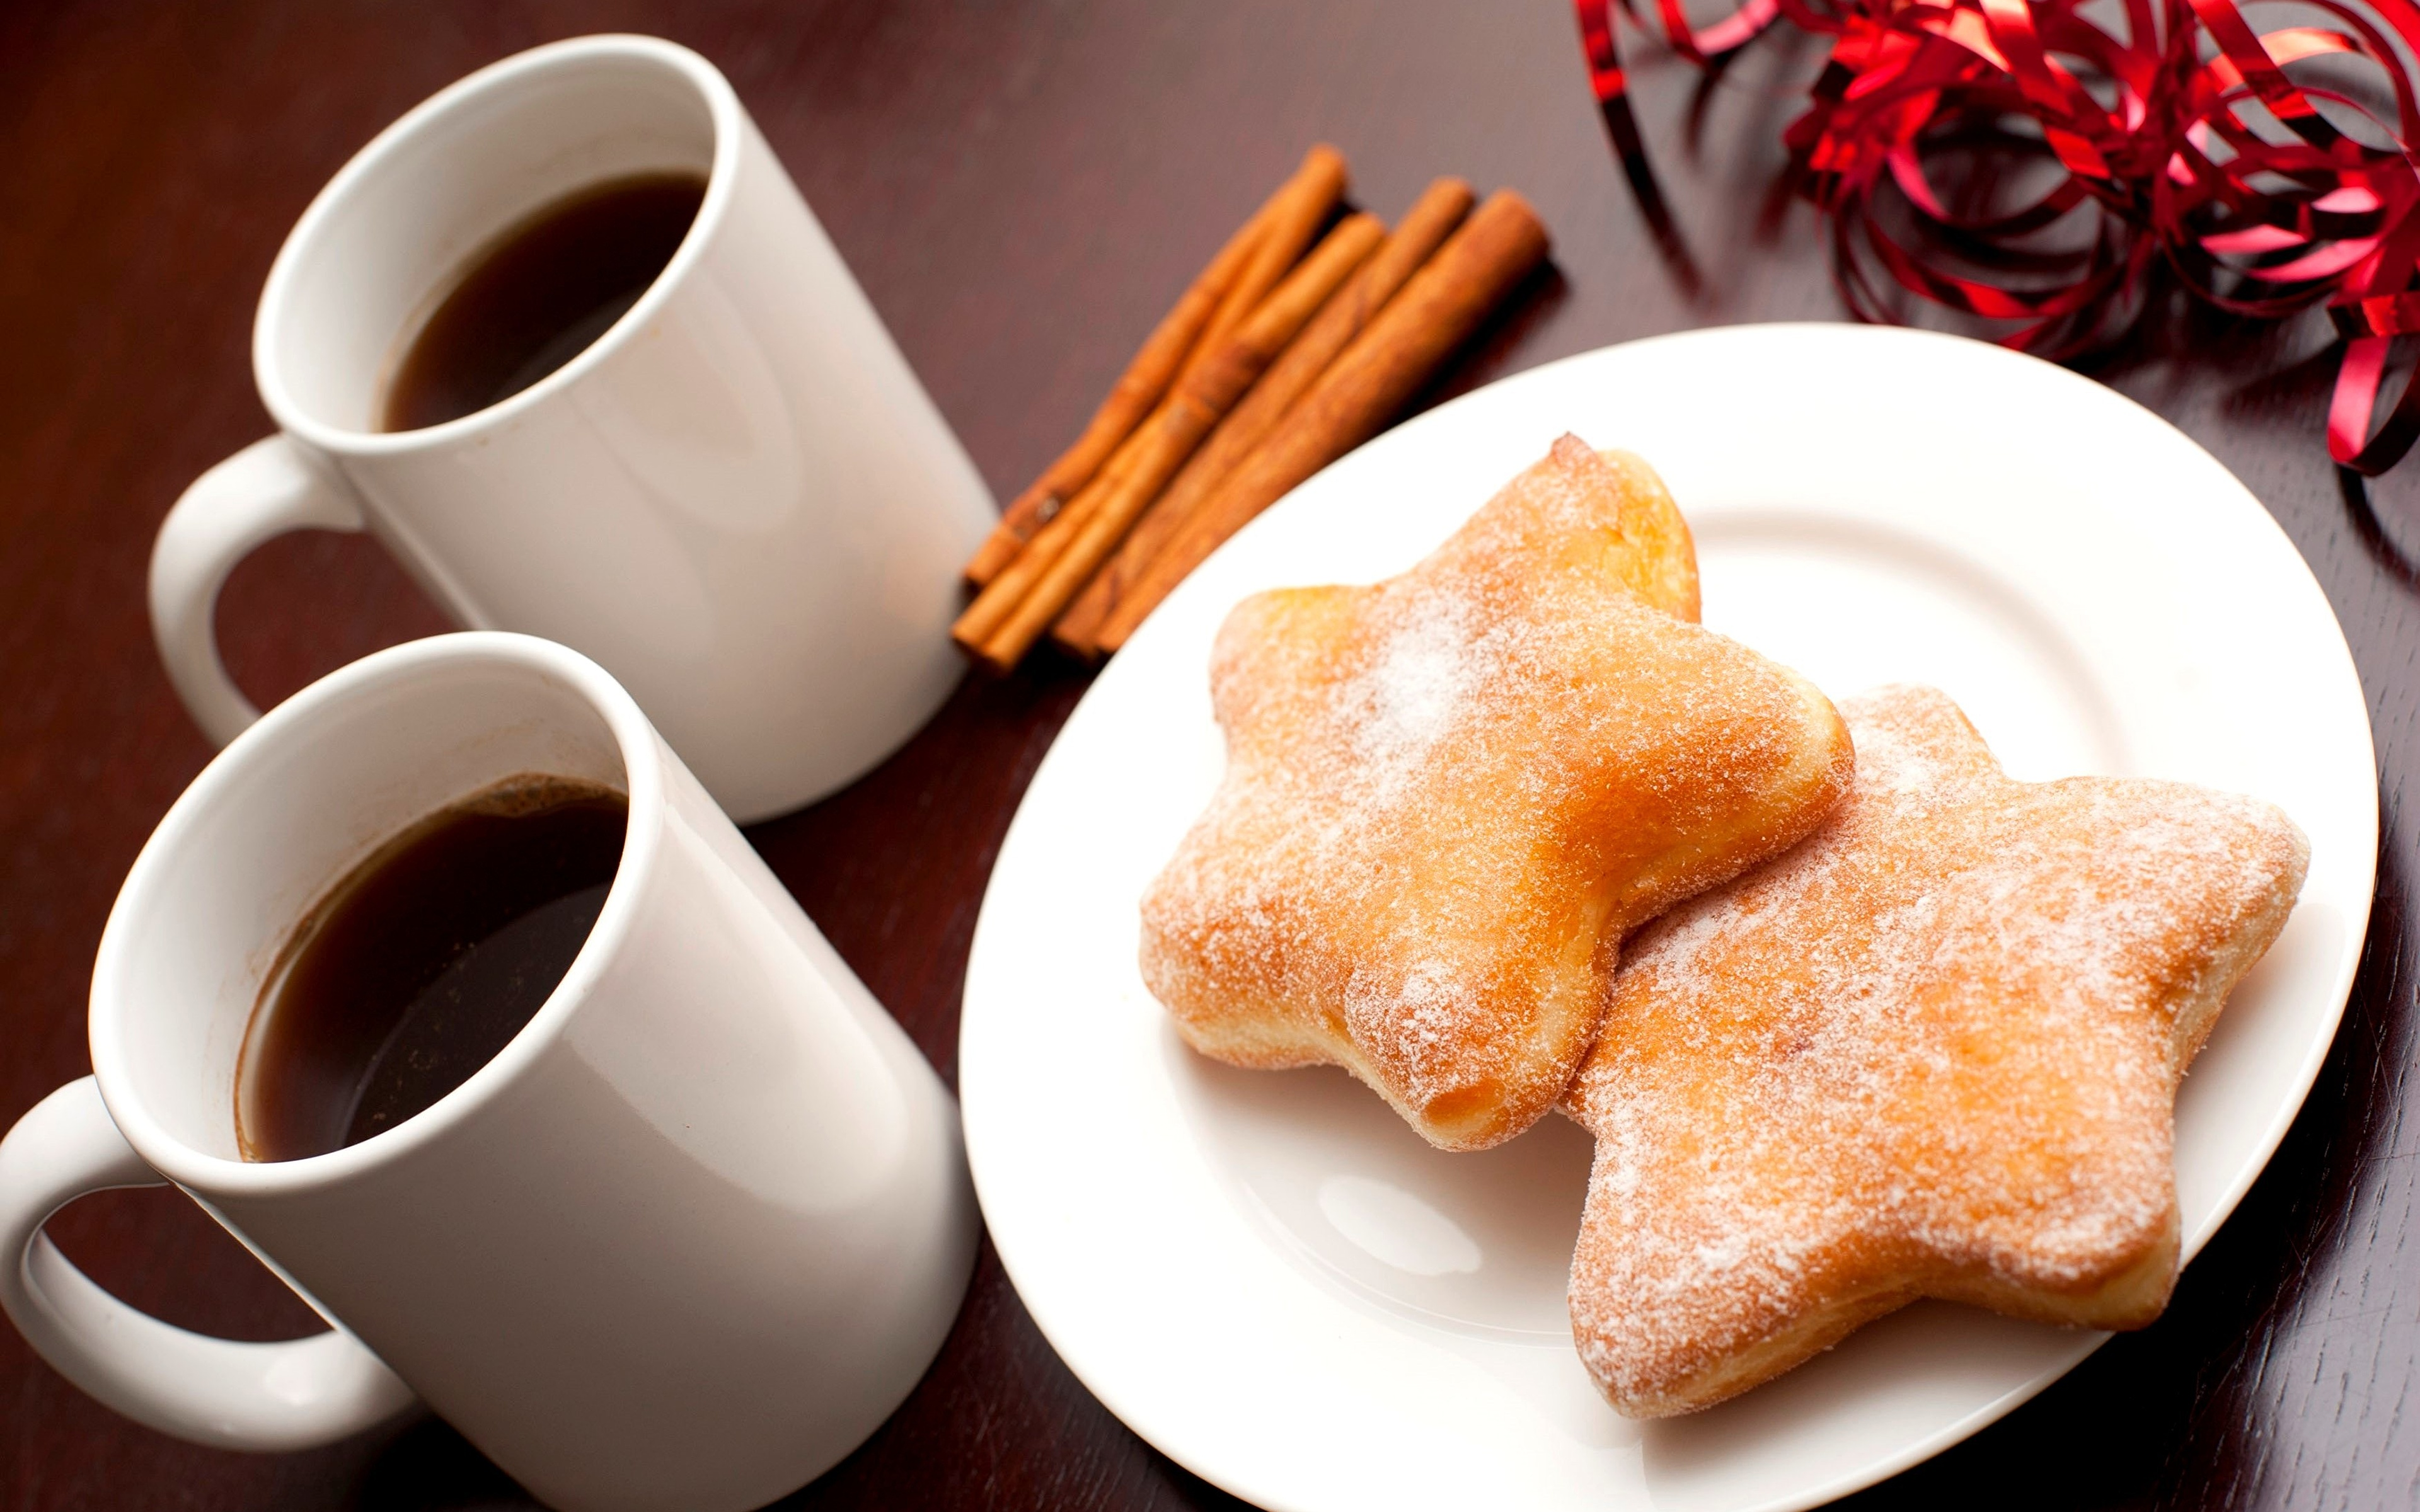 еда печенье кружка food cookies mug  № 2147323 загрузить